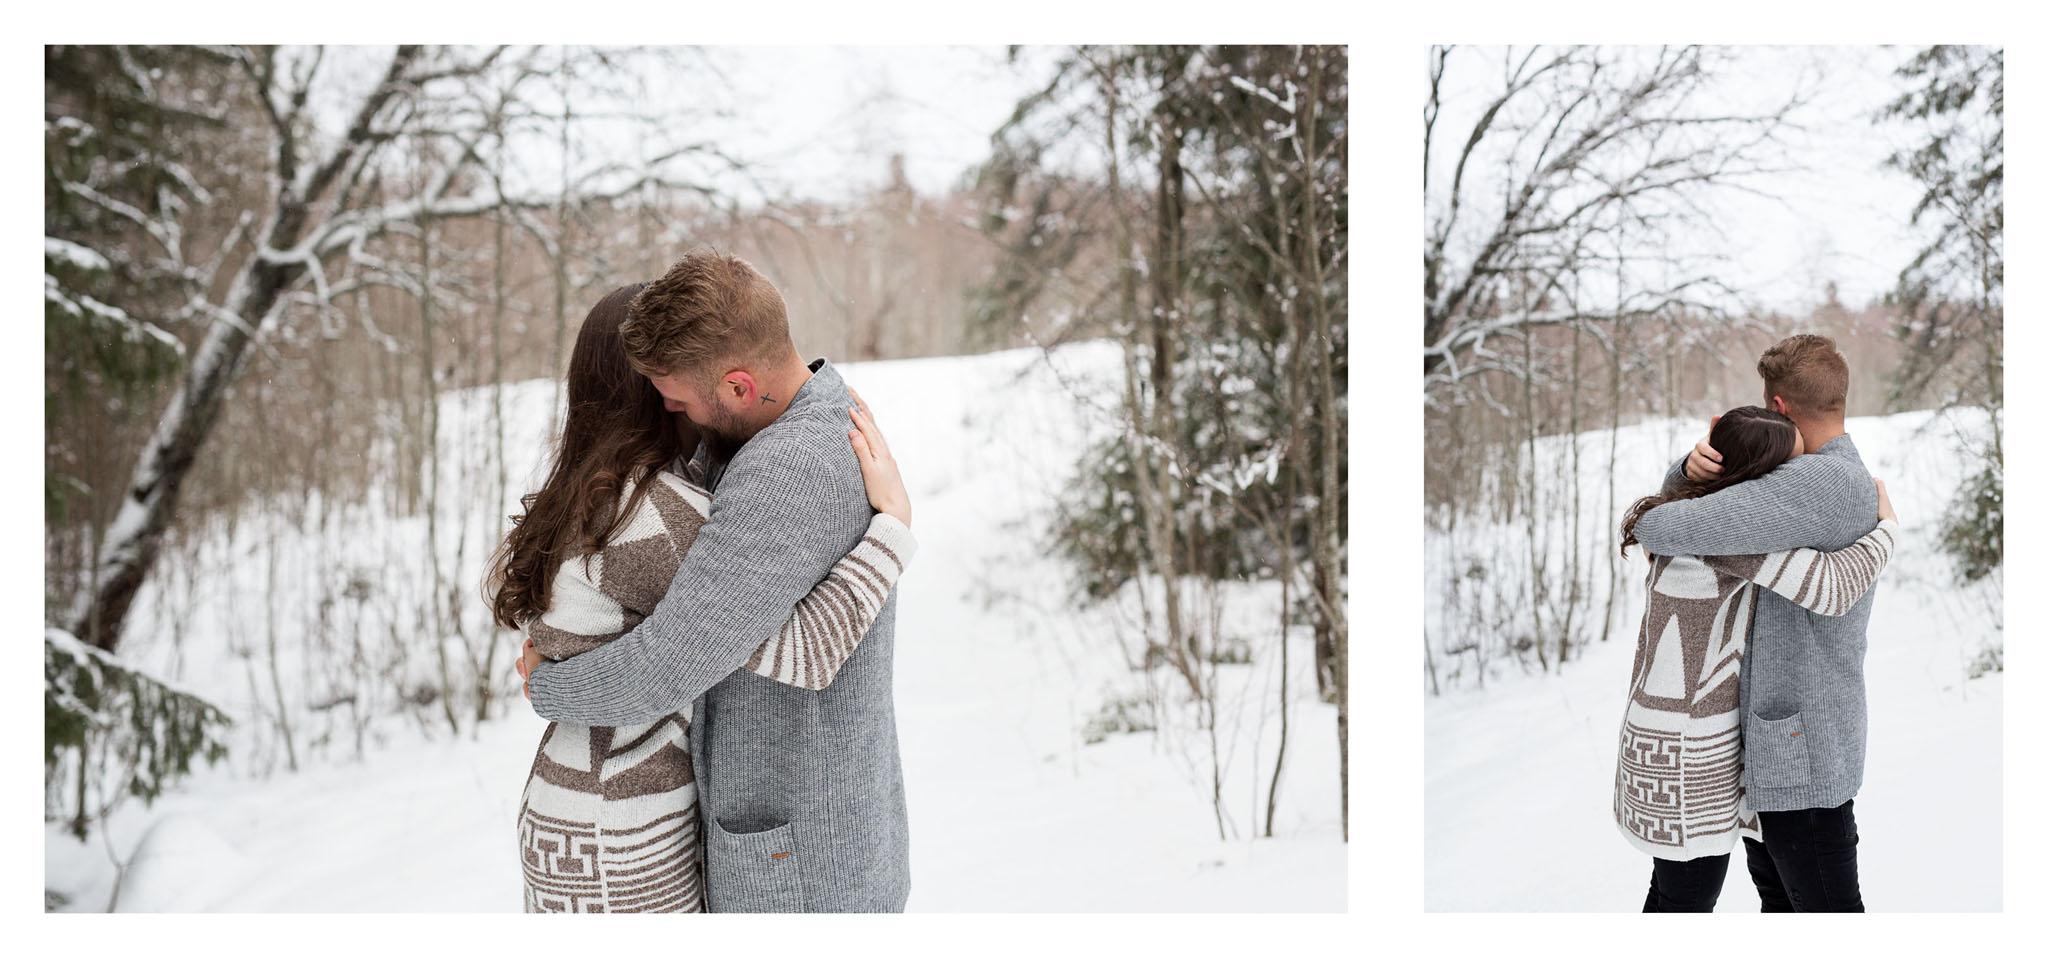 fotograf_sabina_wixner_hudiksvall_sundsvall_gävle_bollnäs_söderhamn_delsbo_ljusdal_järvsö_6.jpg